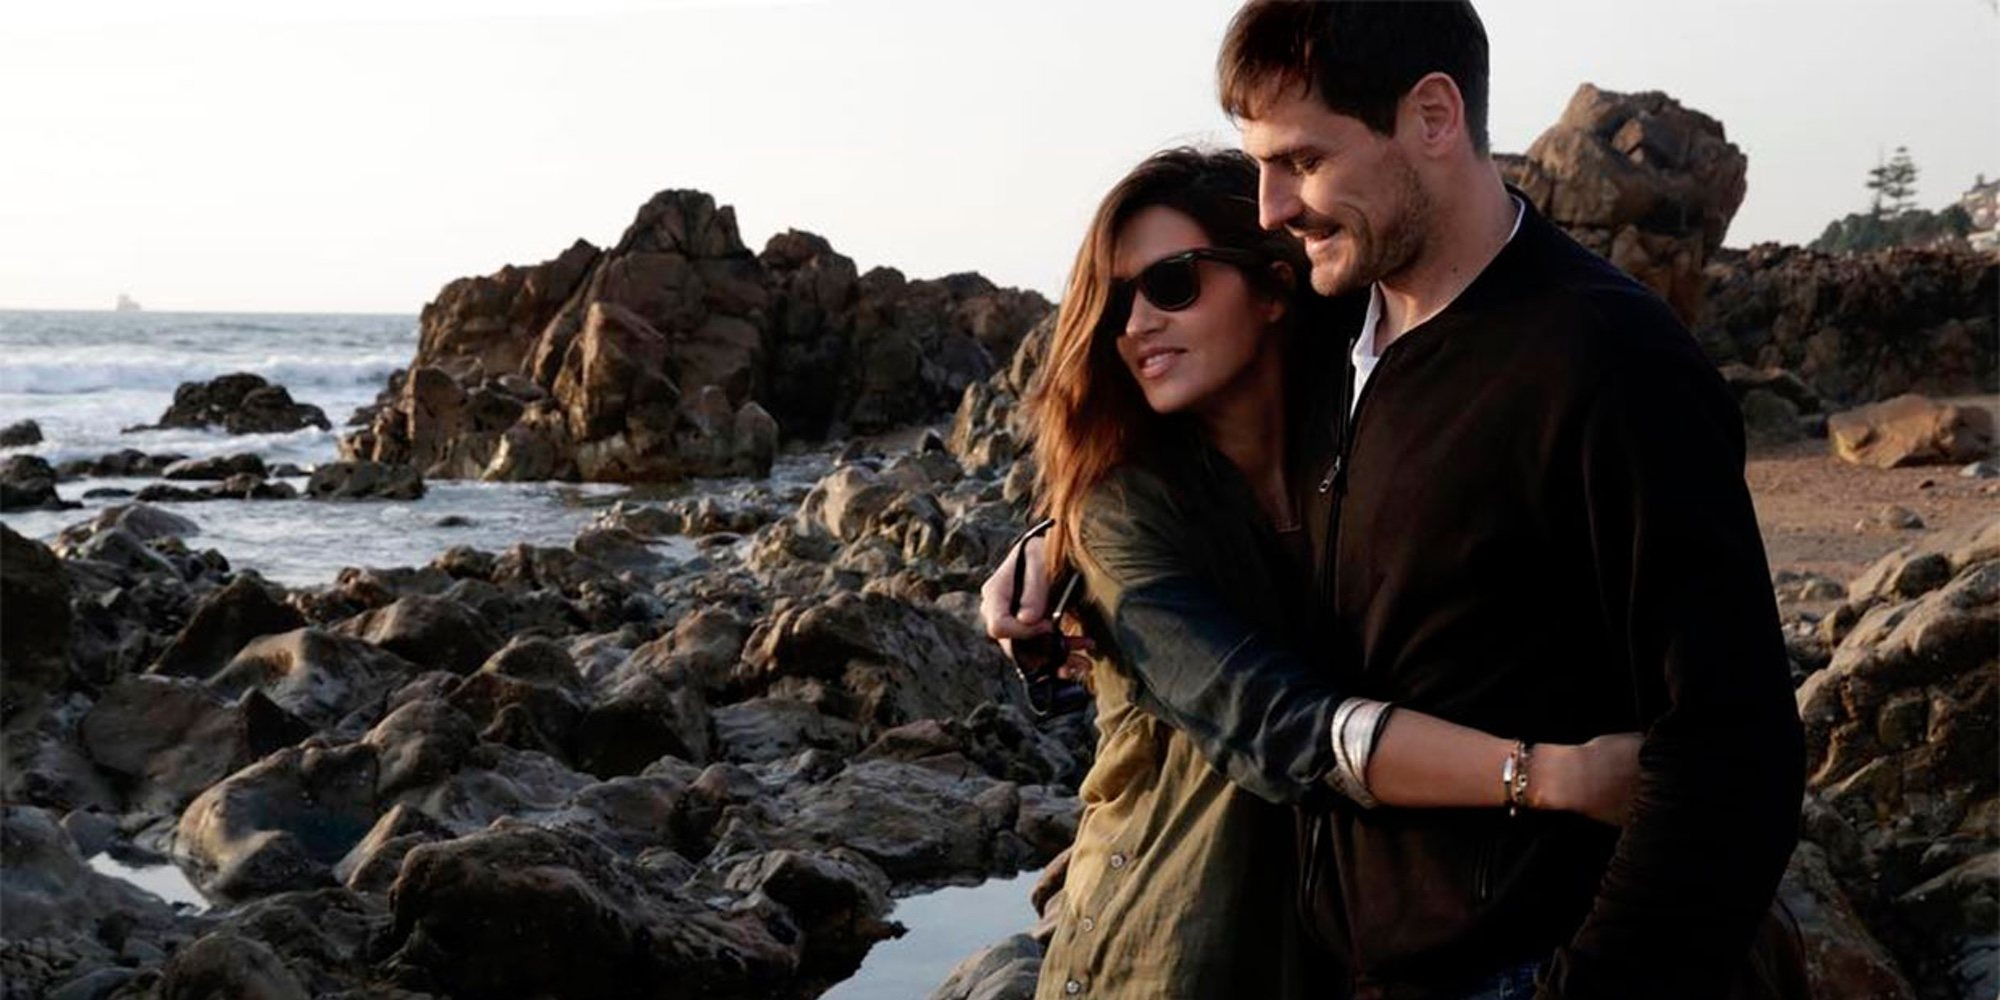 Sara Carbonero e Iker Casillas regresan a Oporto tras sus vacaciones de verano en España